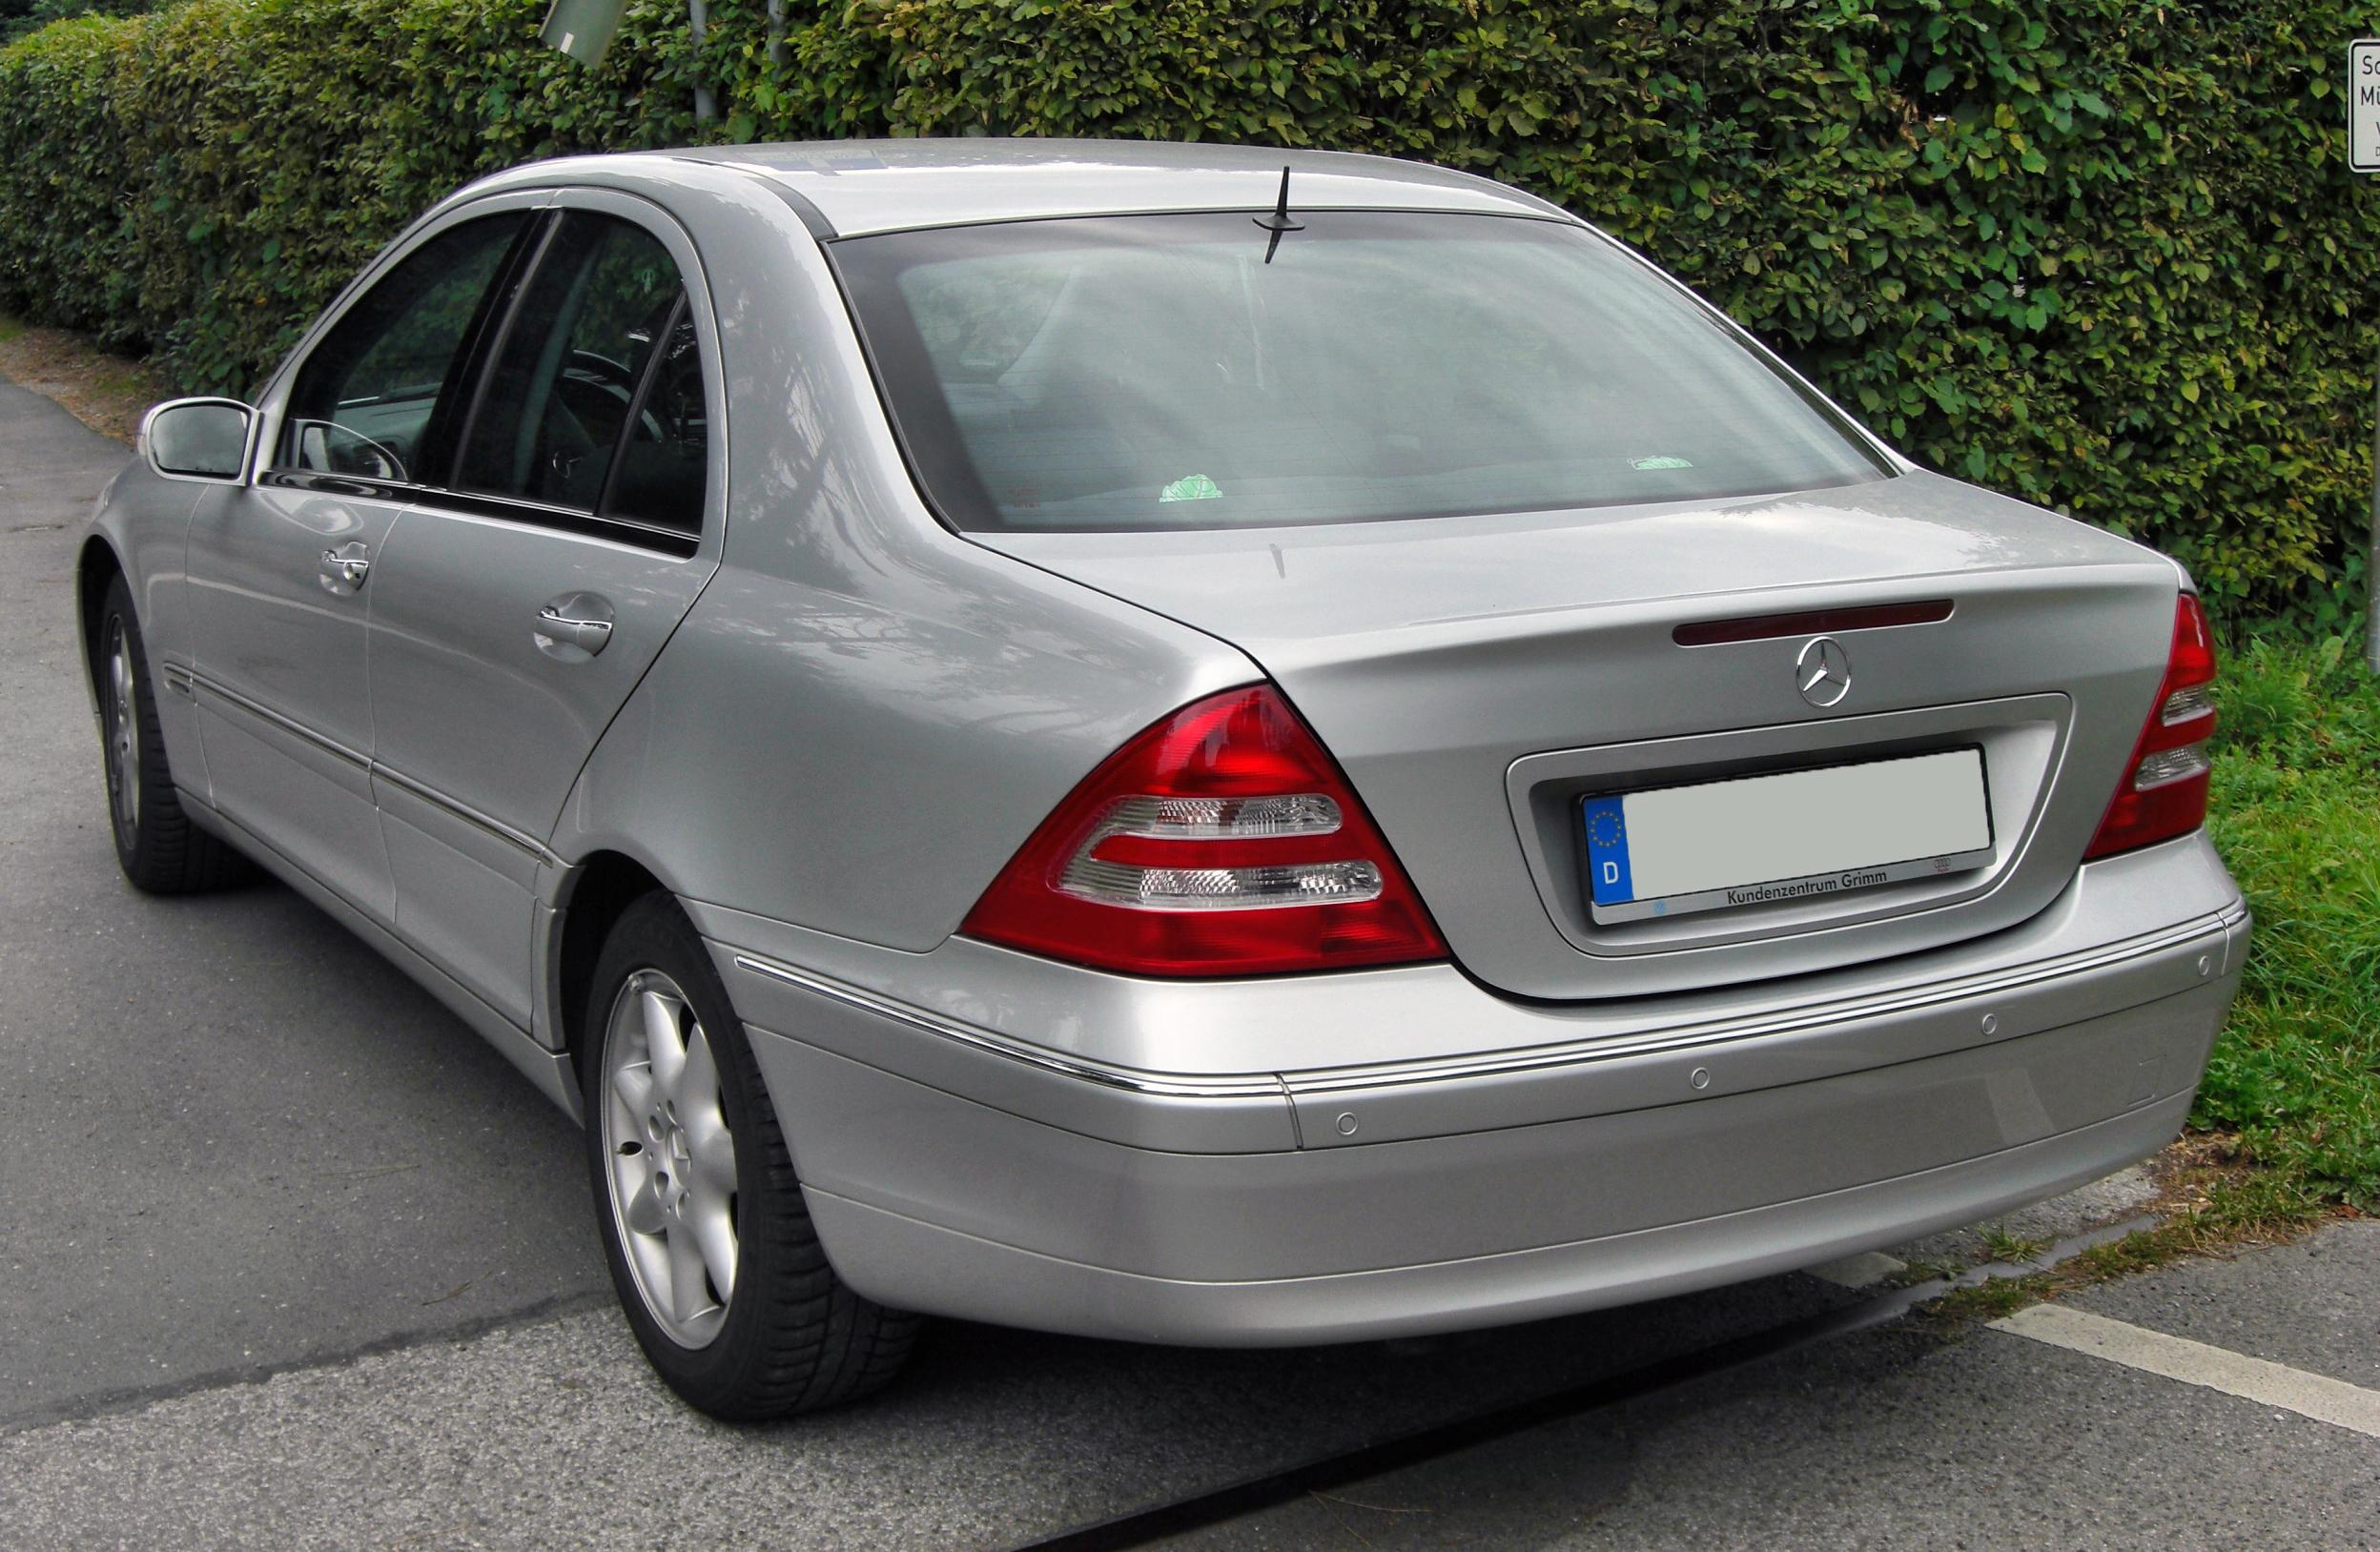 Mercedes Classe C  Caract Ef Bf Bdristique